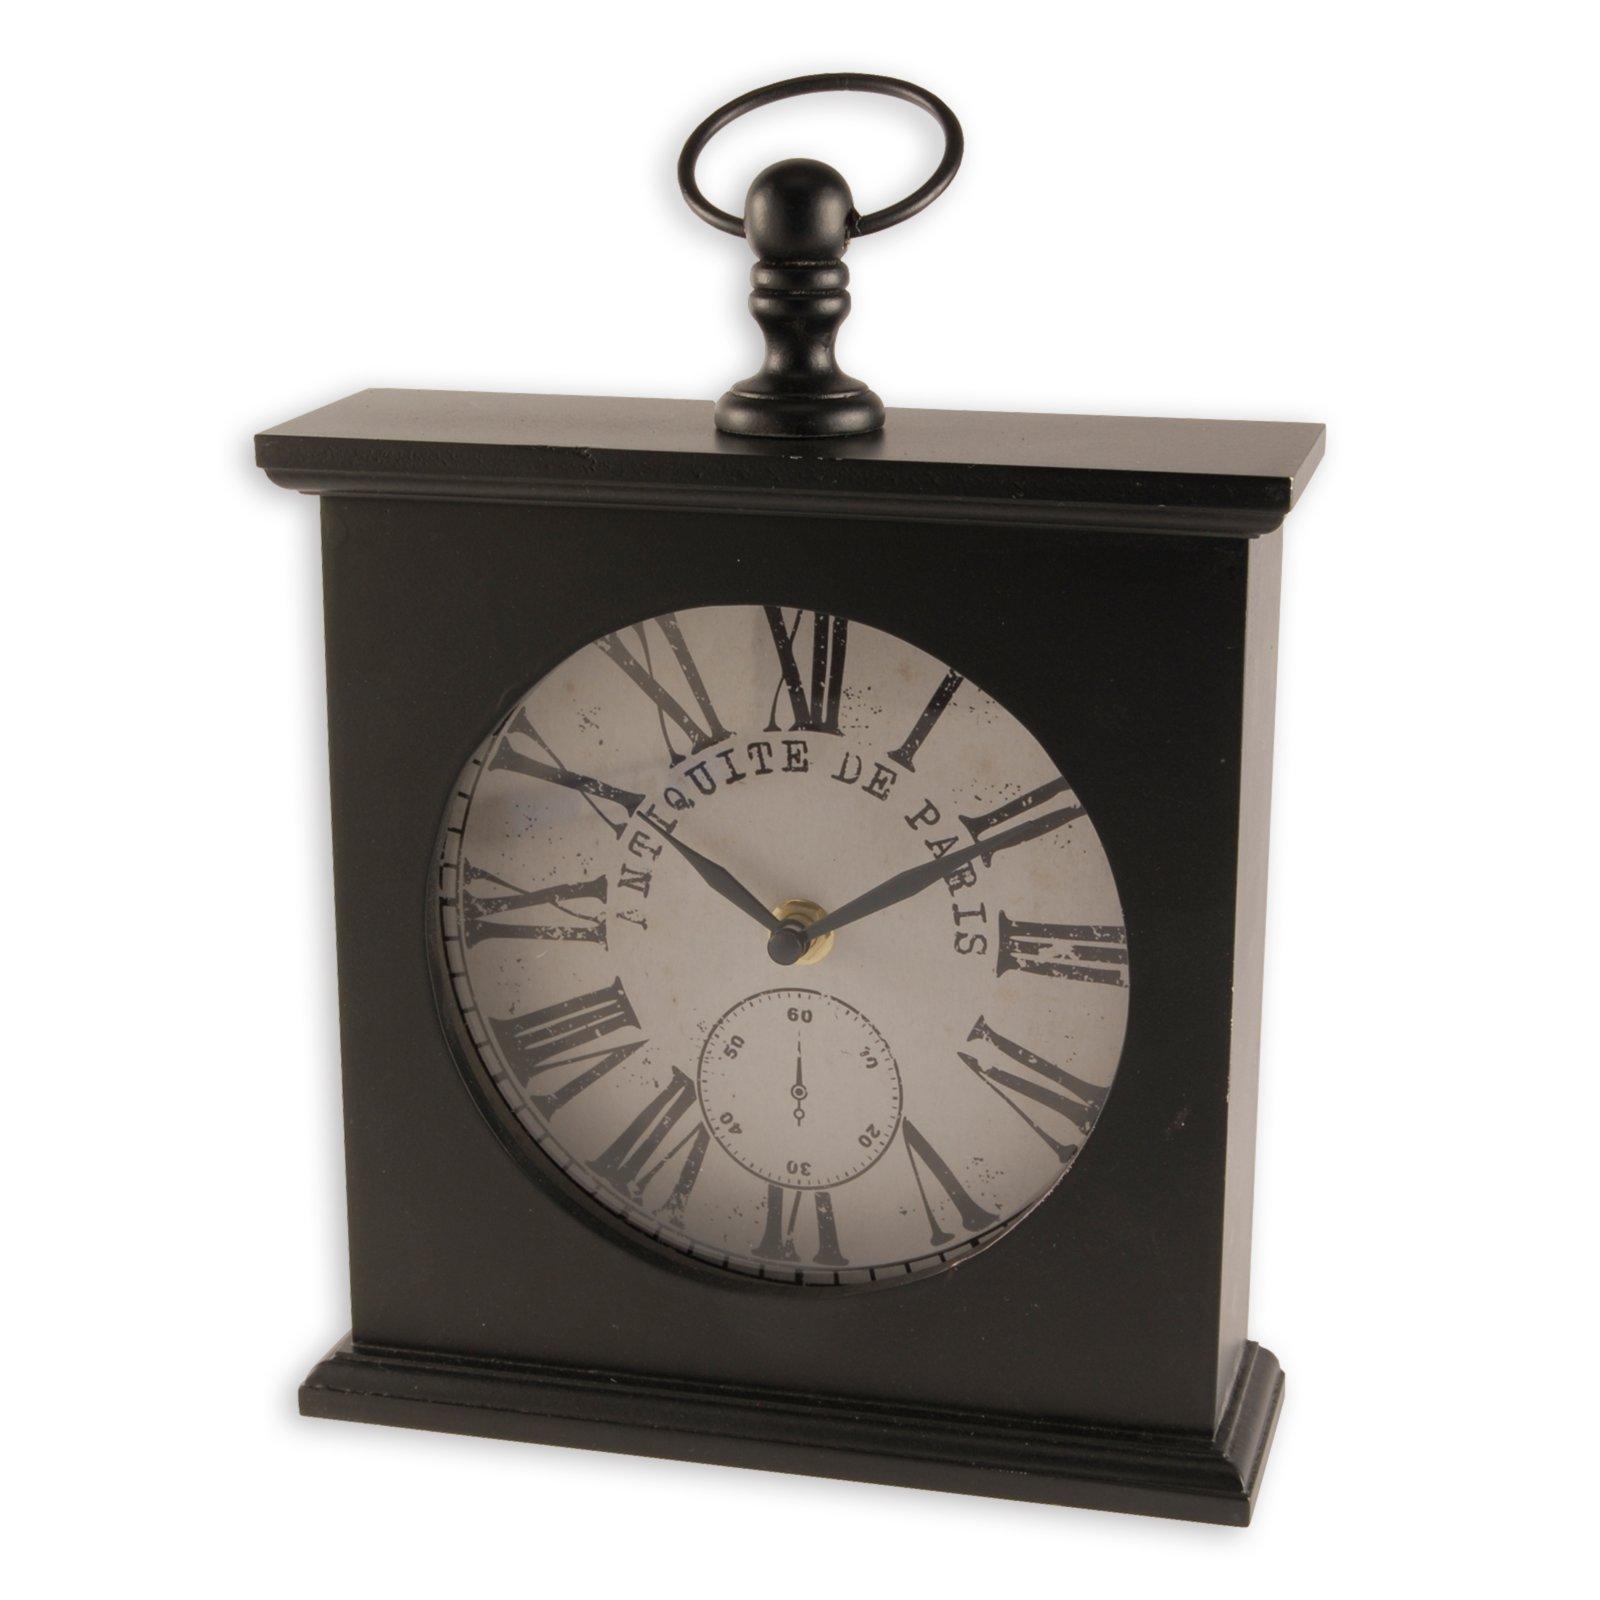 tischuhr schwarz metall tischuhren uhren deko haushalt roller m belhaus. Black Bedroom Furniture Sets. Home Design Ideas